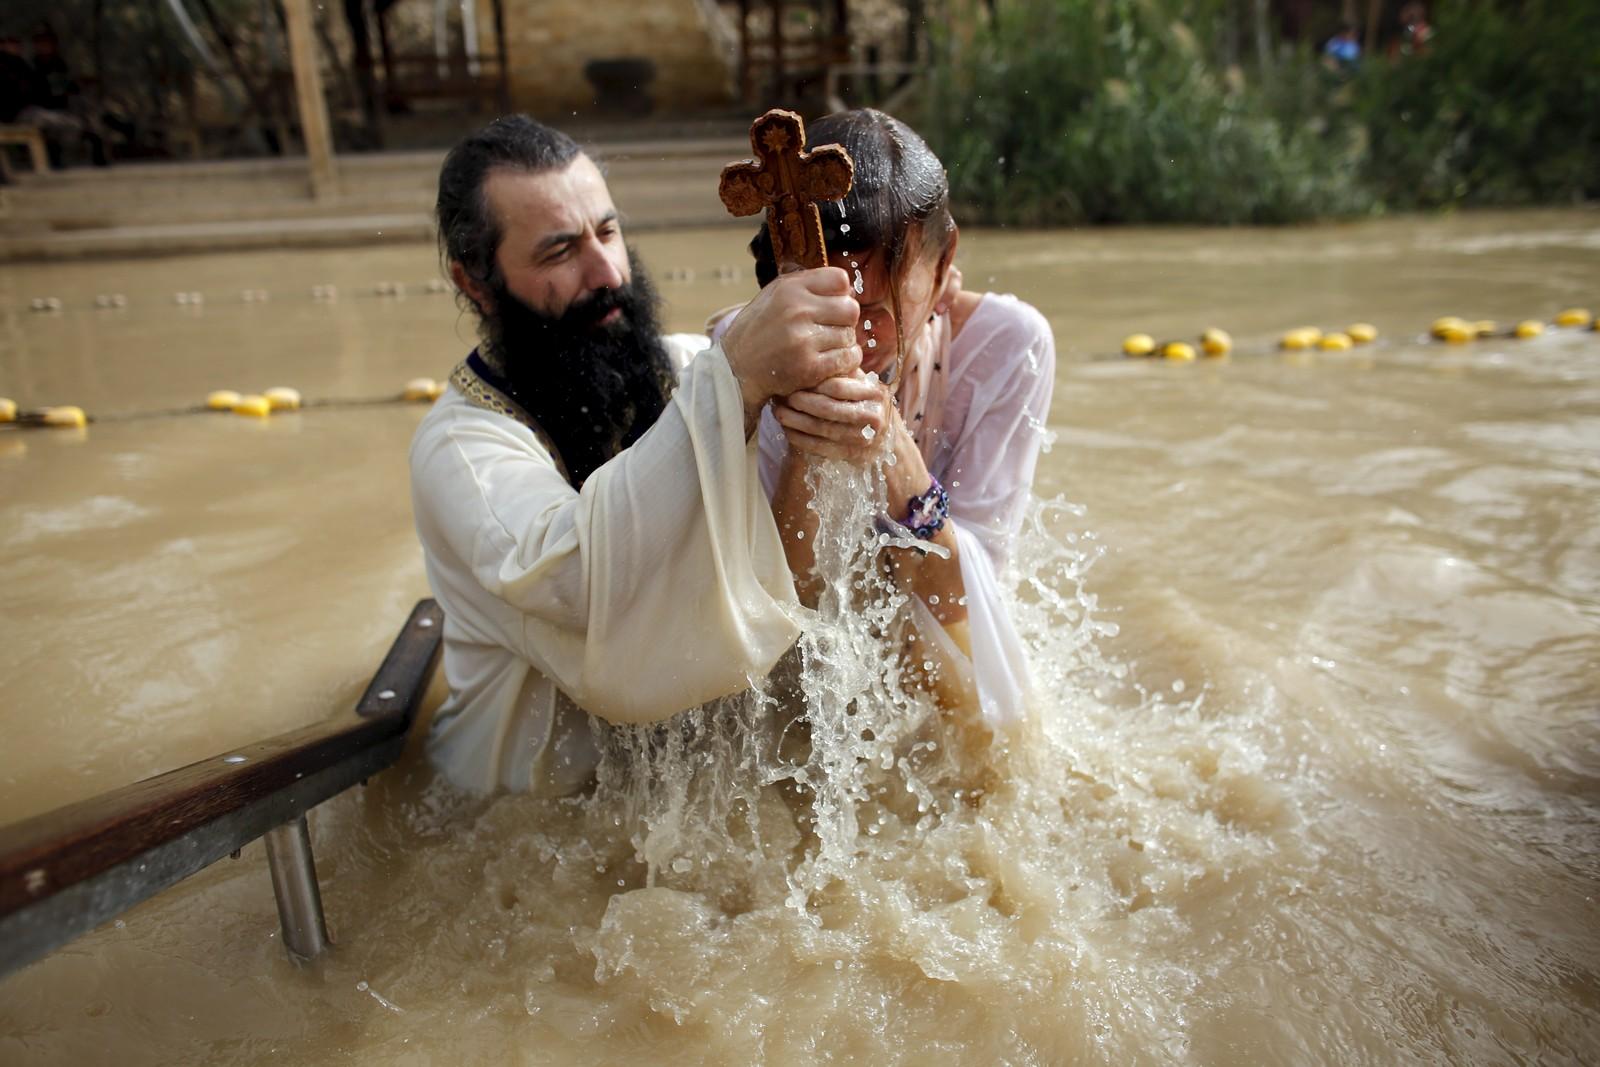 Og enda en kristen pilegrim får dukket seg i hellig vann. Denne blir døpt i Jordan-elven nær byen Jeriko, der flere tusen ortodokse kristne samlet seg på stedet man tror Johannes døperen døpte Jesus.